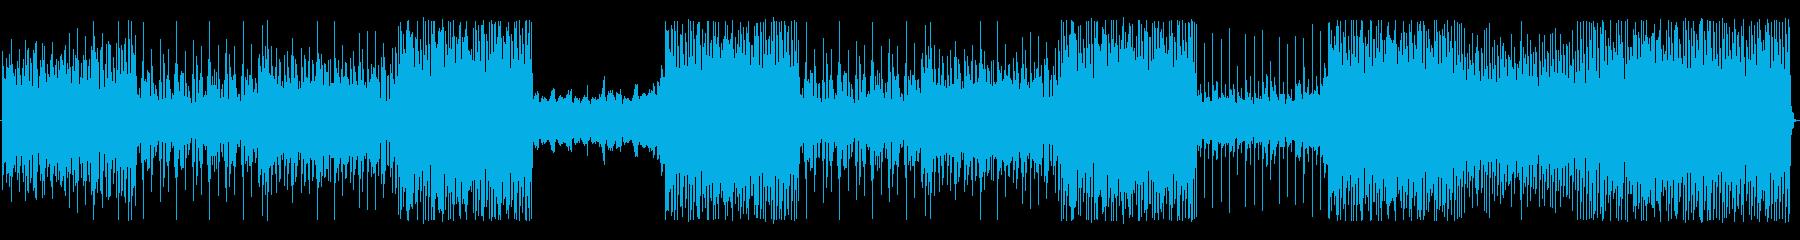 モダンなドラムグルーブを備えた非常...の再生済みの波形